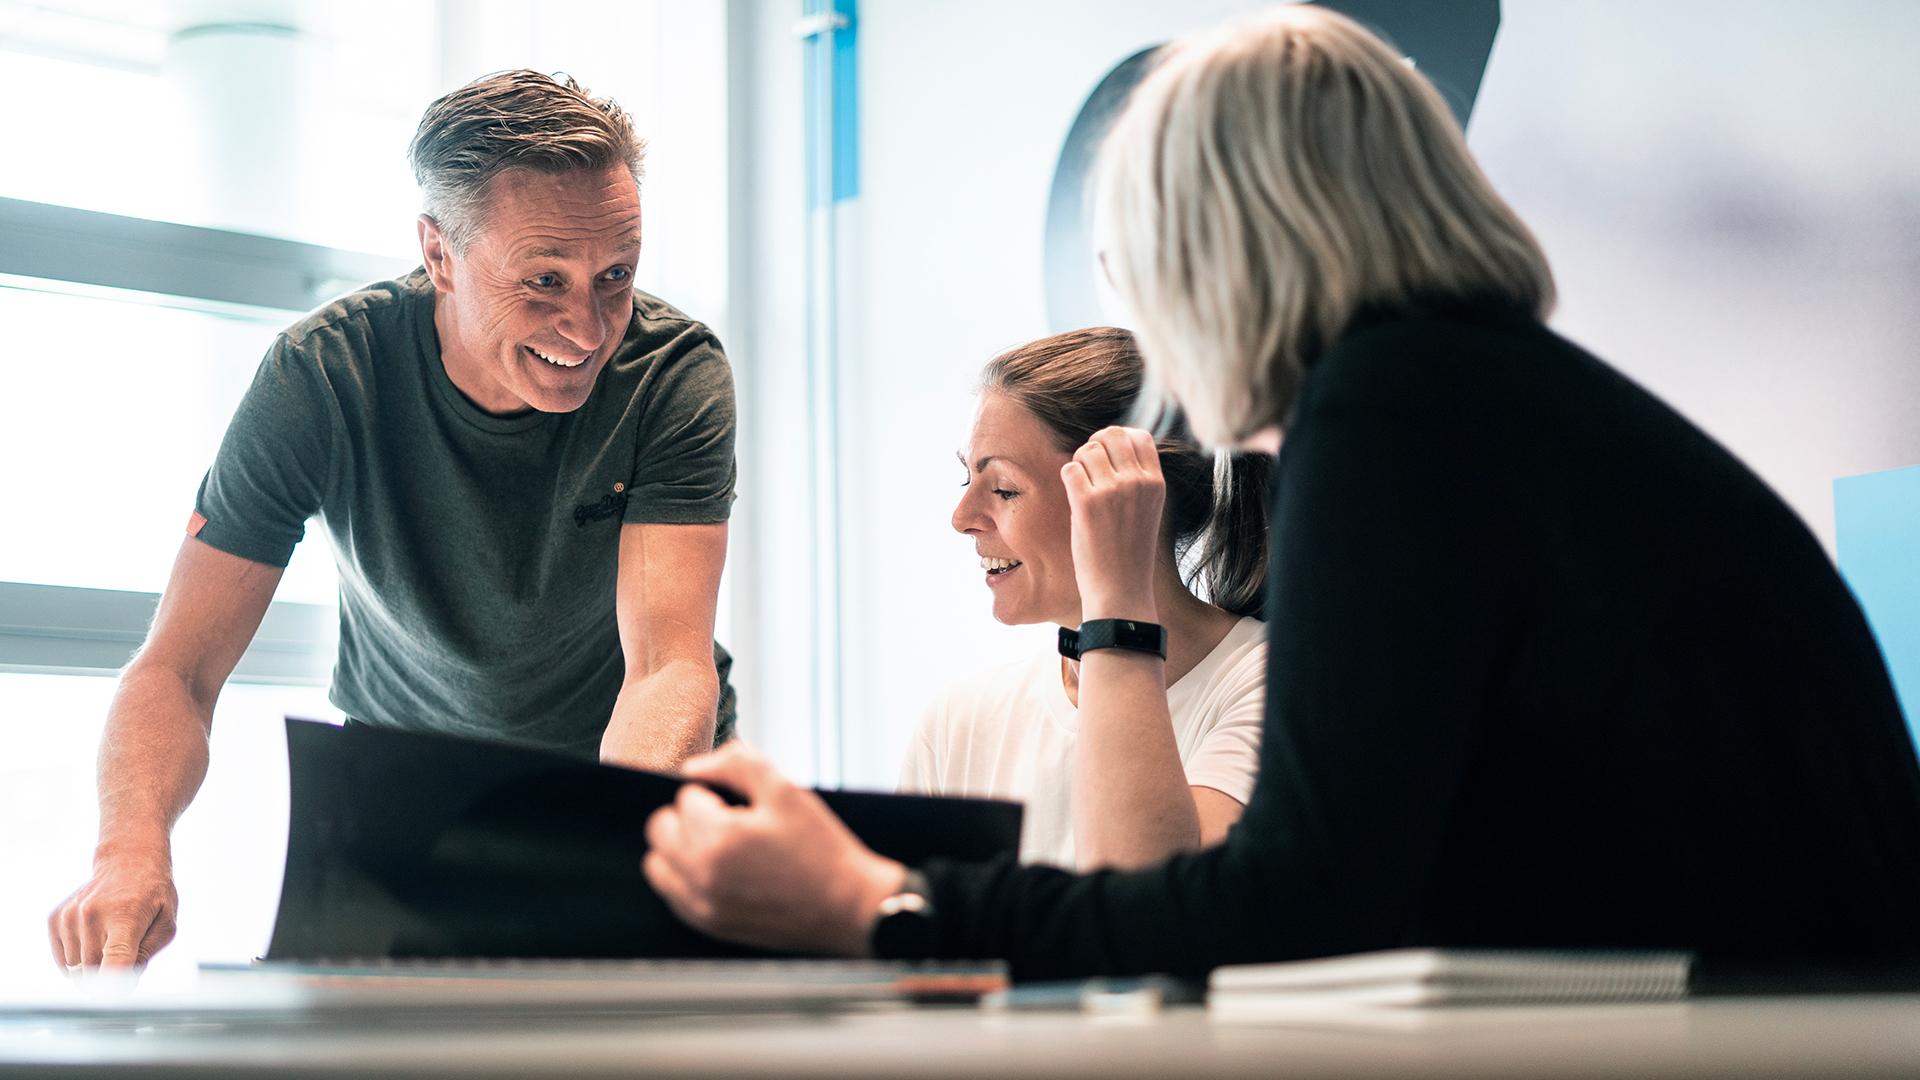 Mennesker jobber sammen på et møterom. Foto.